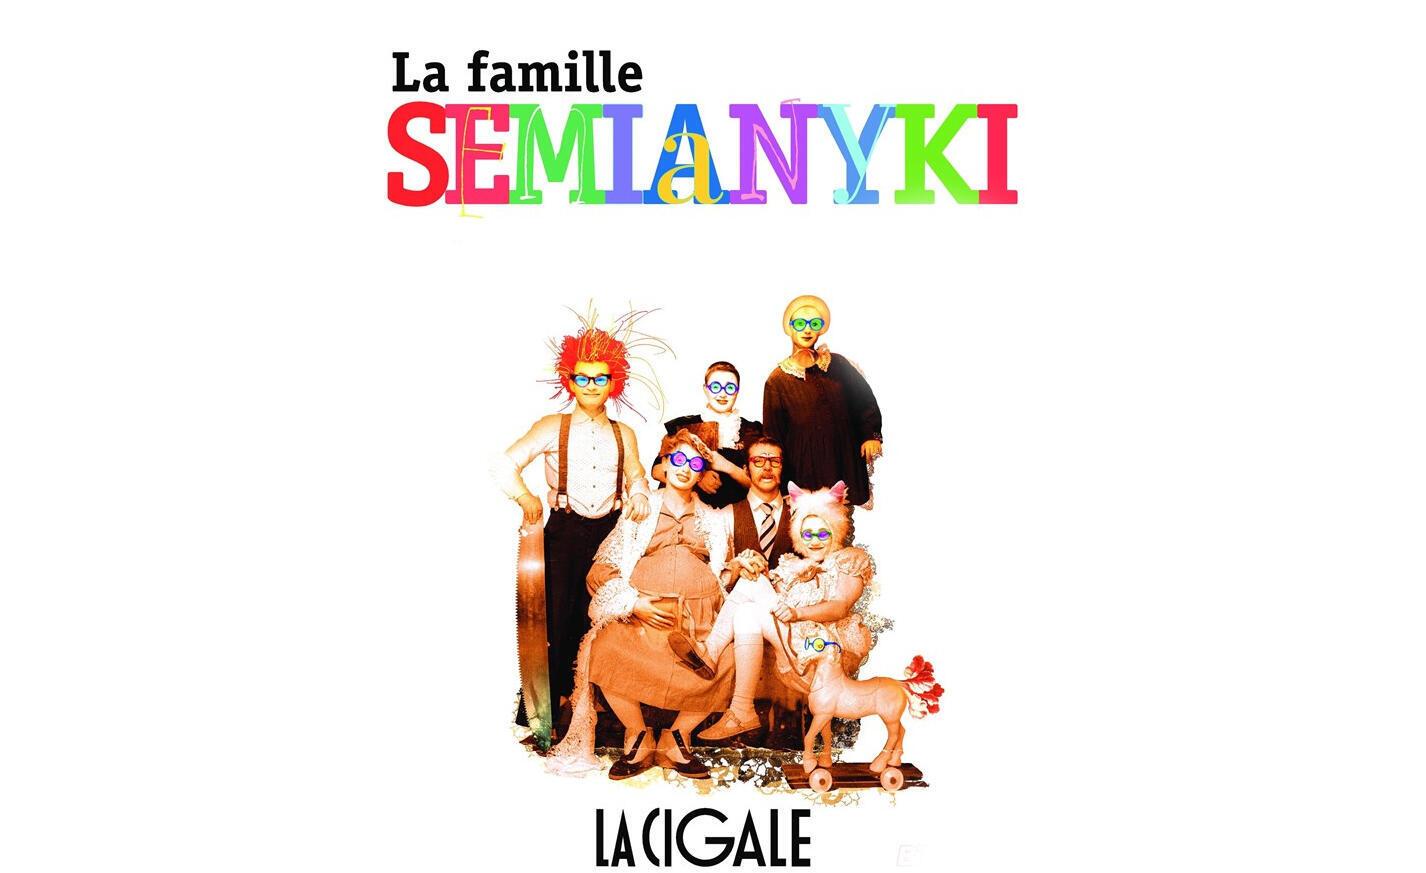 La Famille Semianyki , un spectacle clownesque à vivre en famille - à partir de 8 ans - jusqu'au 31 décembre à la Cigale de Paris.